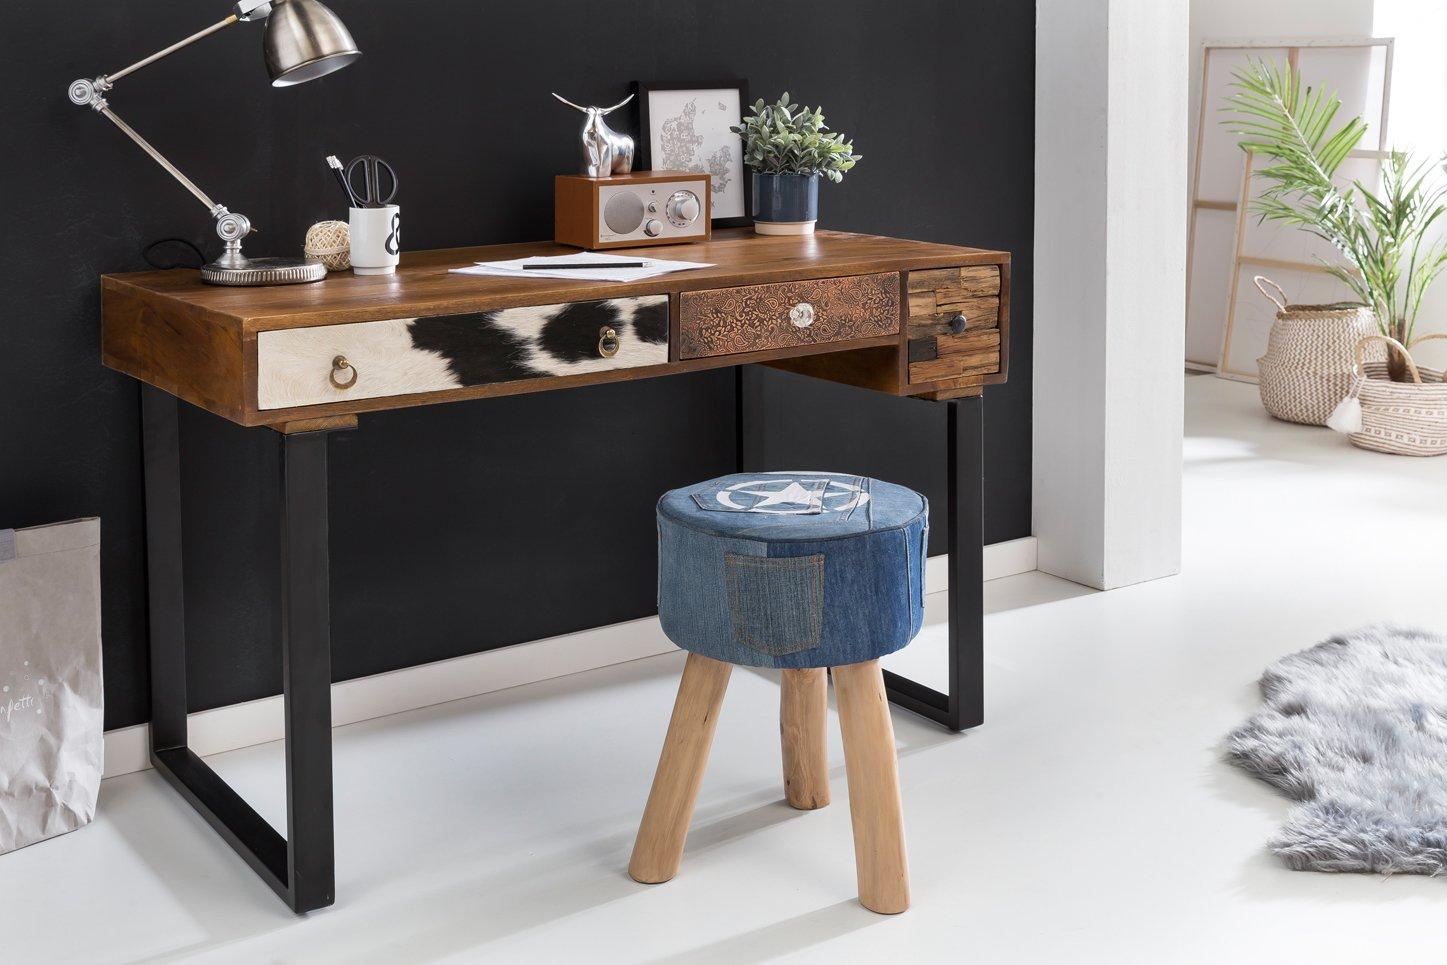 Finebuy Schreibtisch Kanpur 60 120 X 60 Kanpur X 79 Cm Massiv Holz